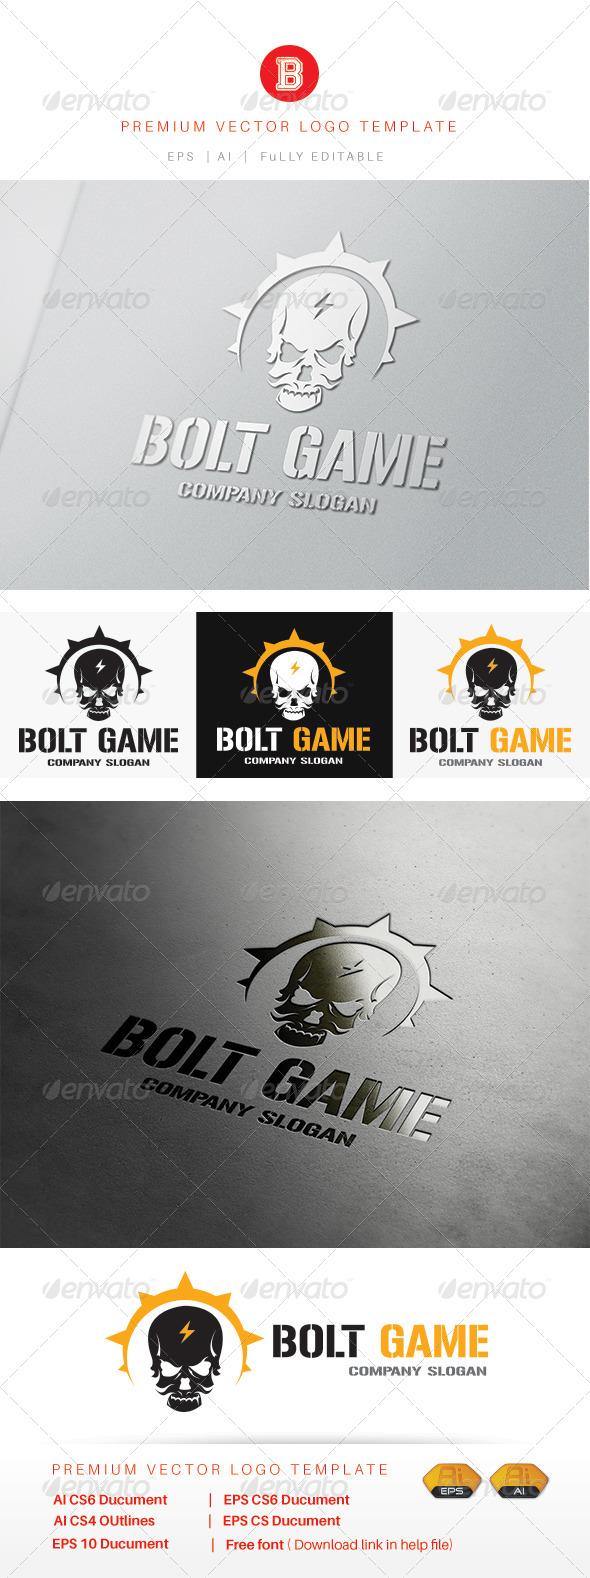 Bolt Game